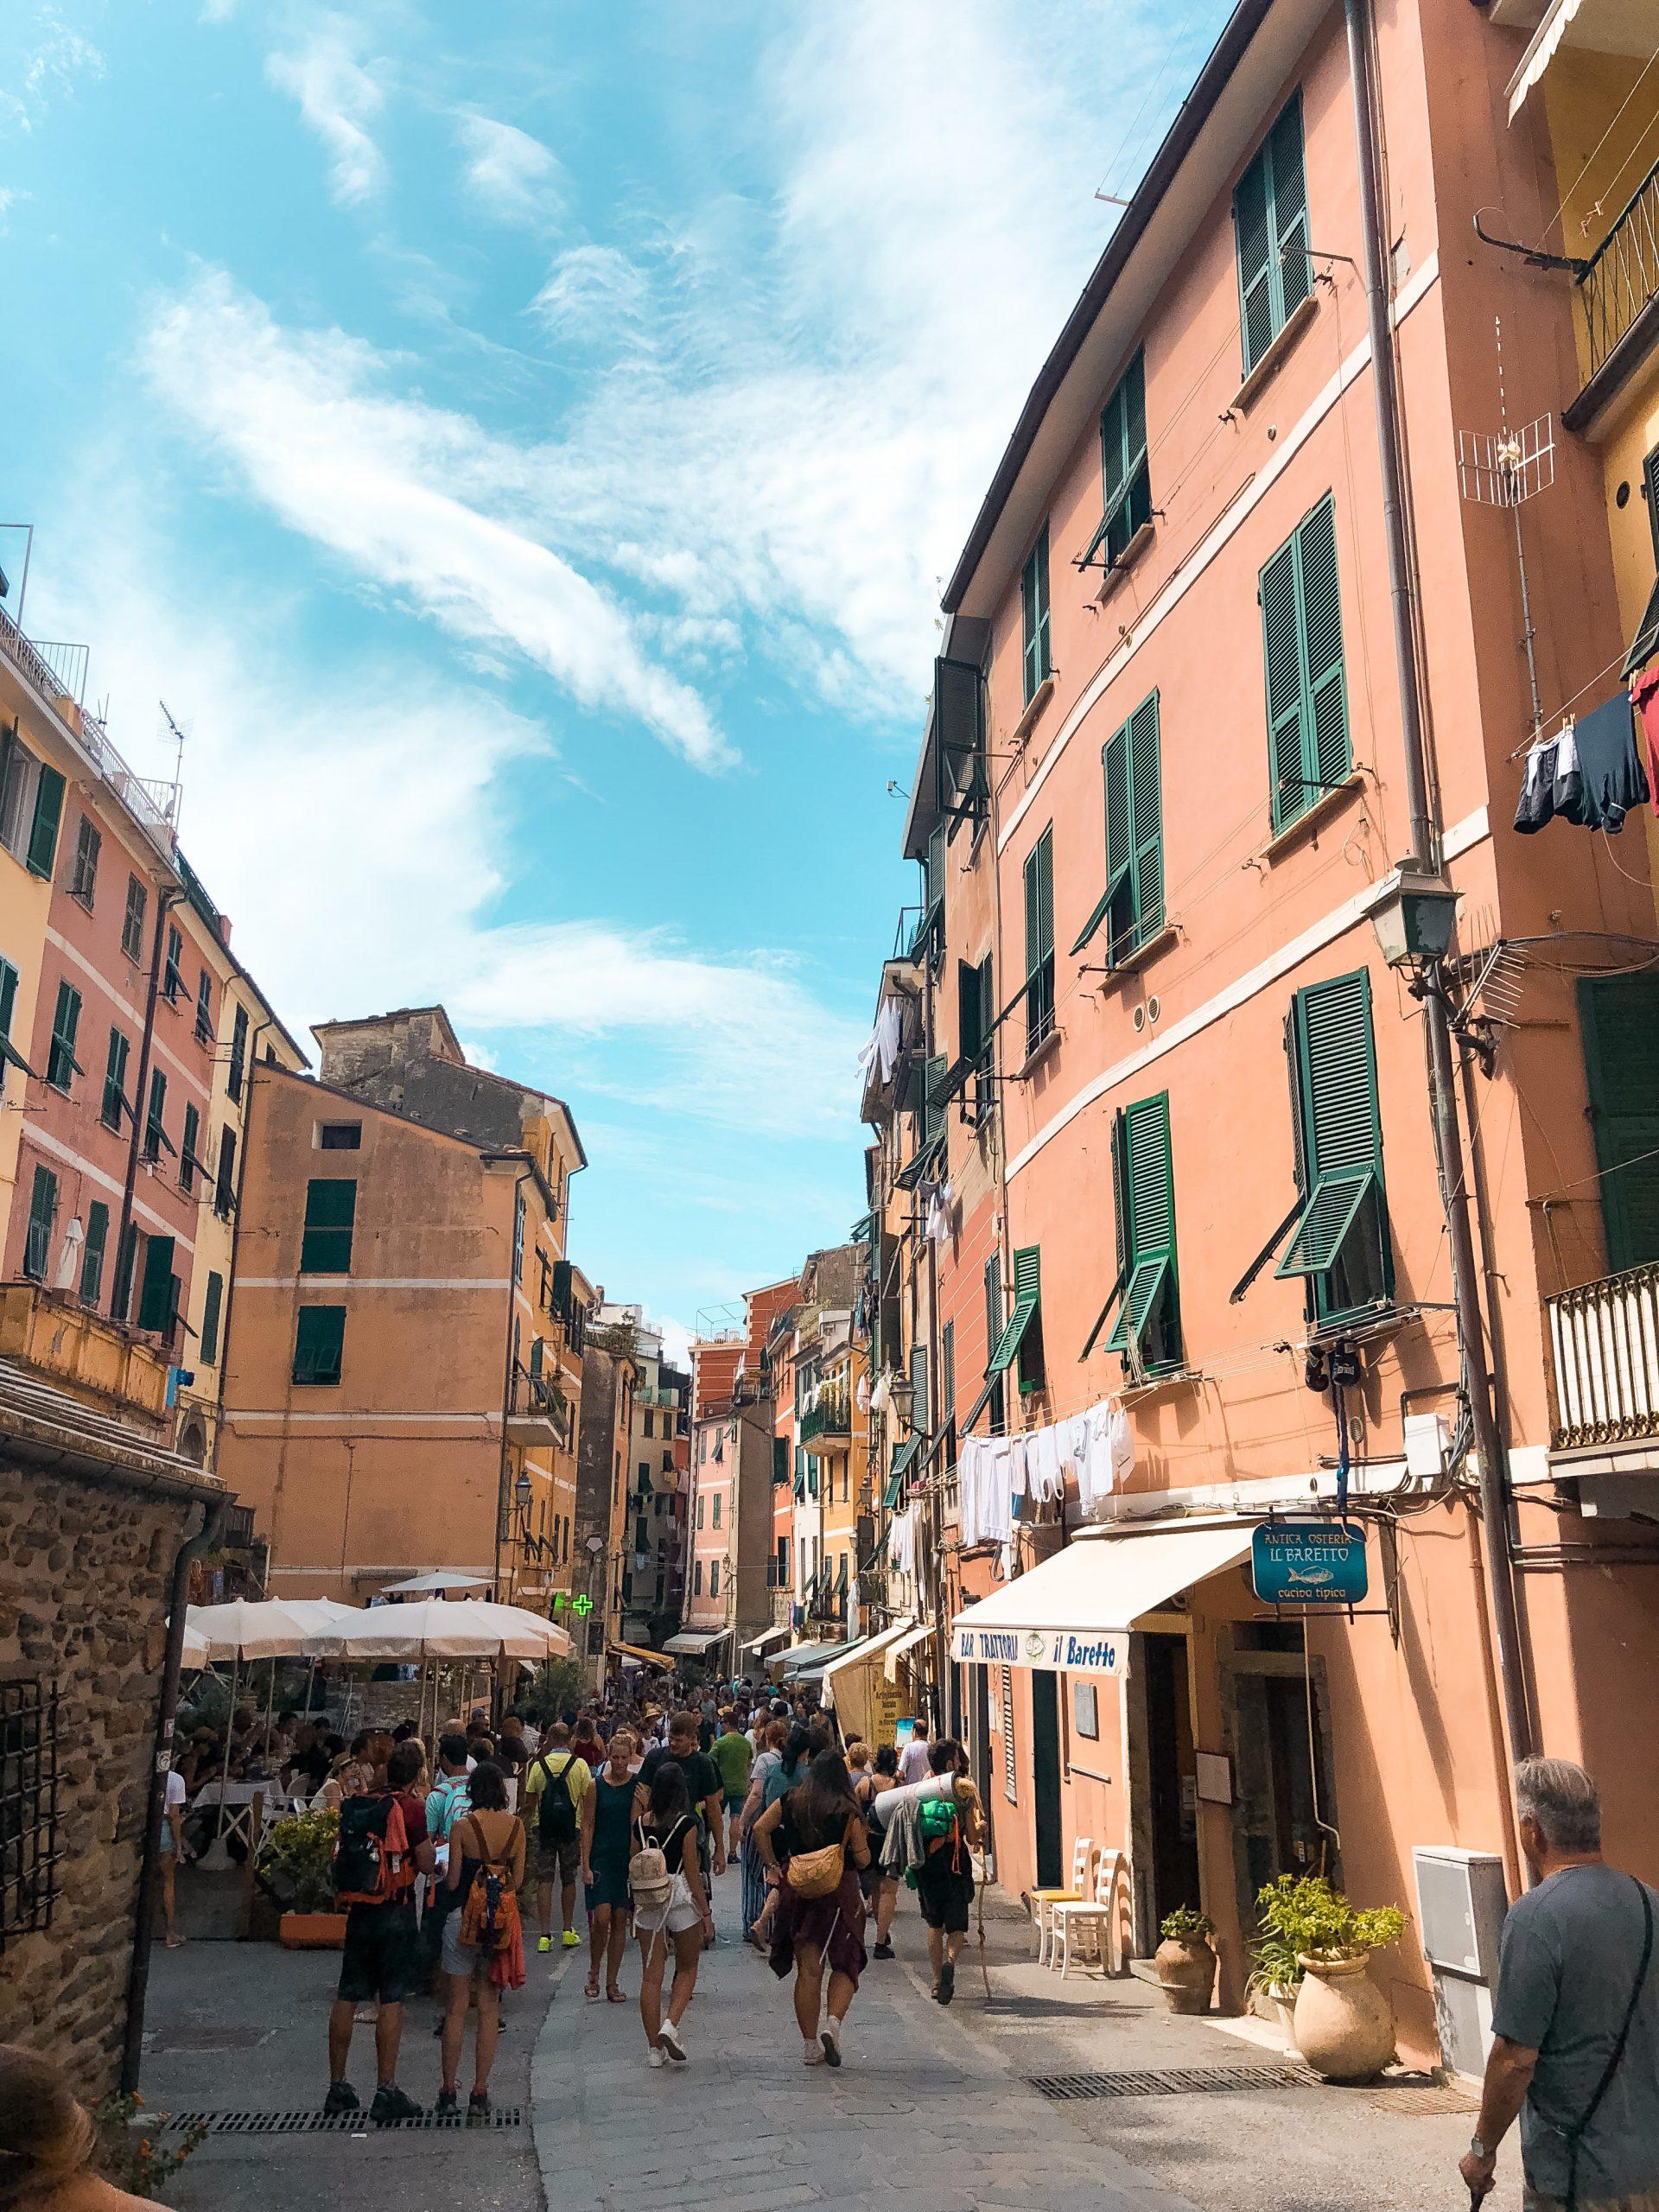 colorful buildings under a blue sky in Manarola, Cinque Terre